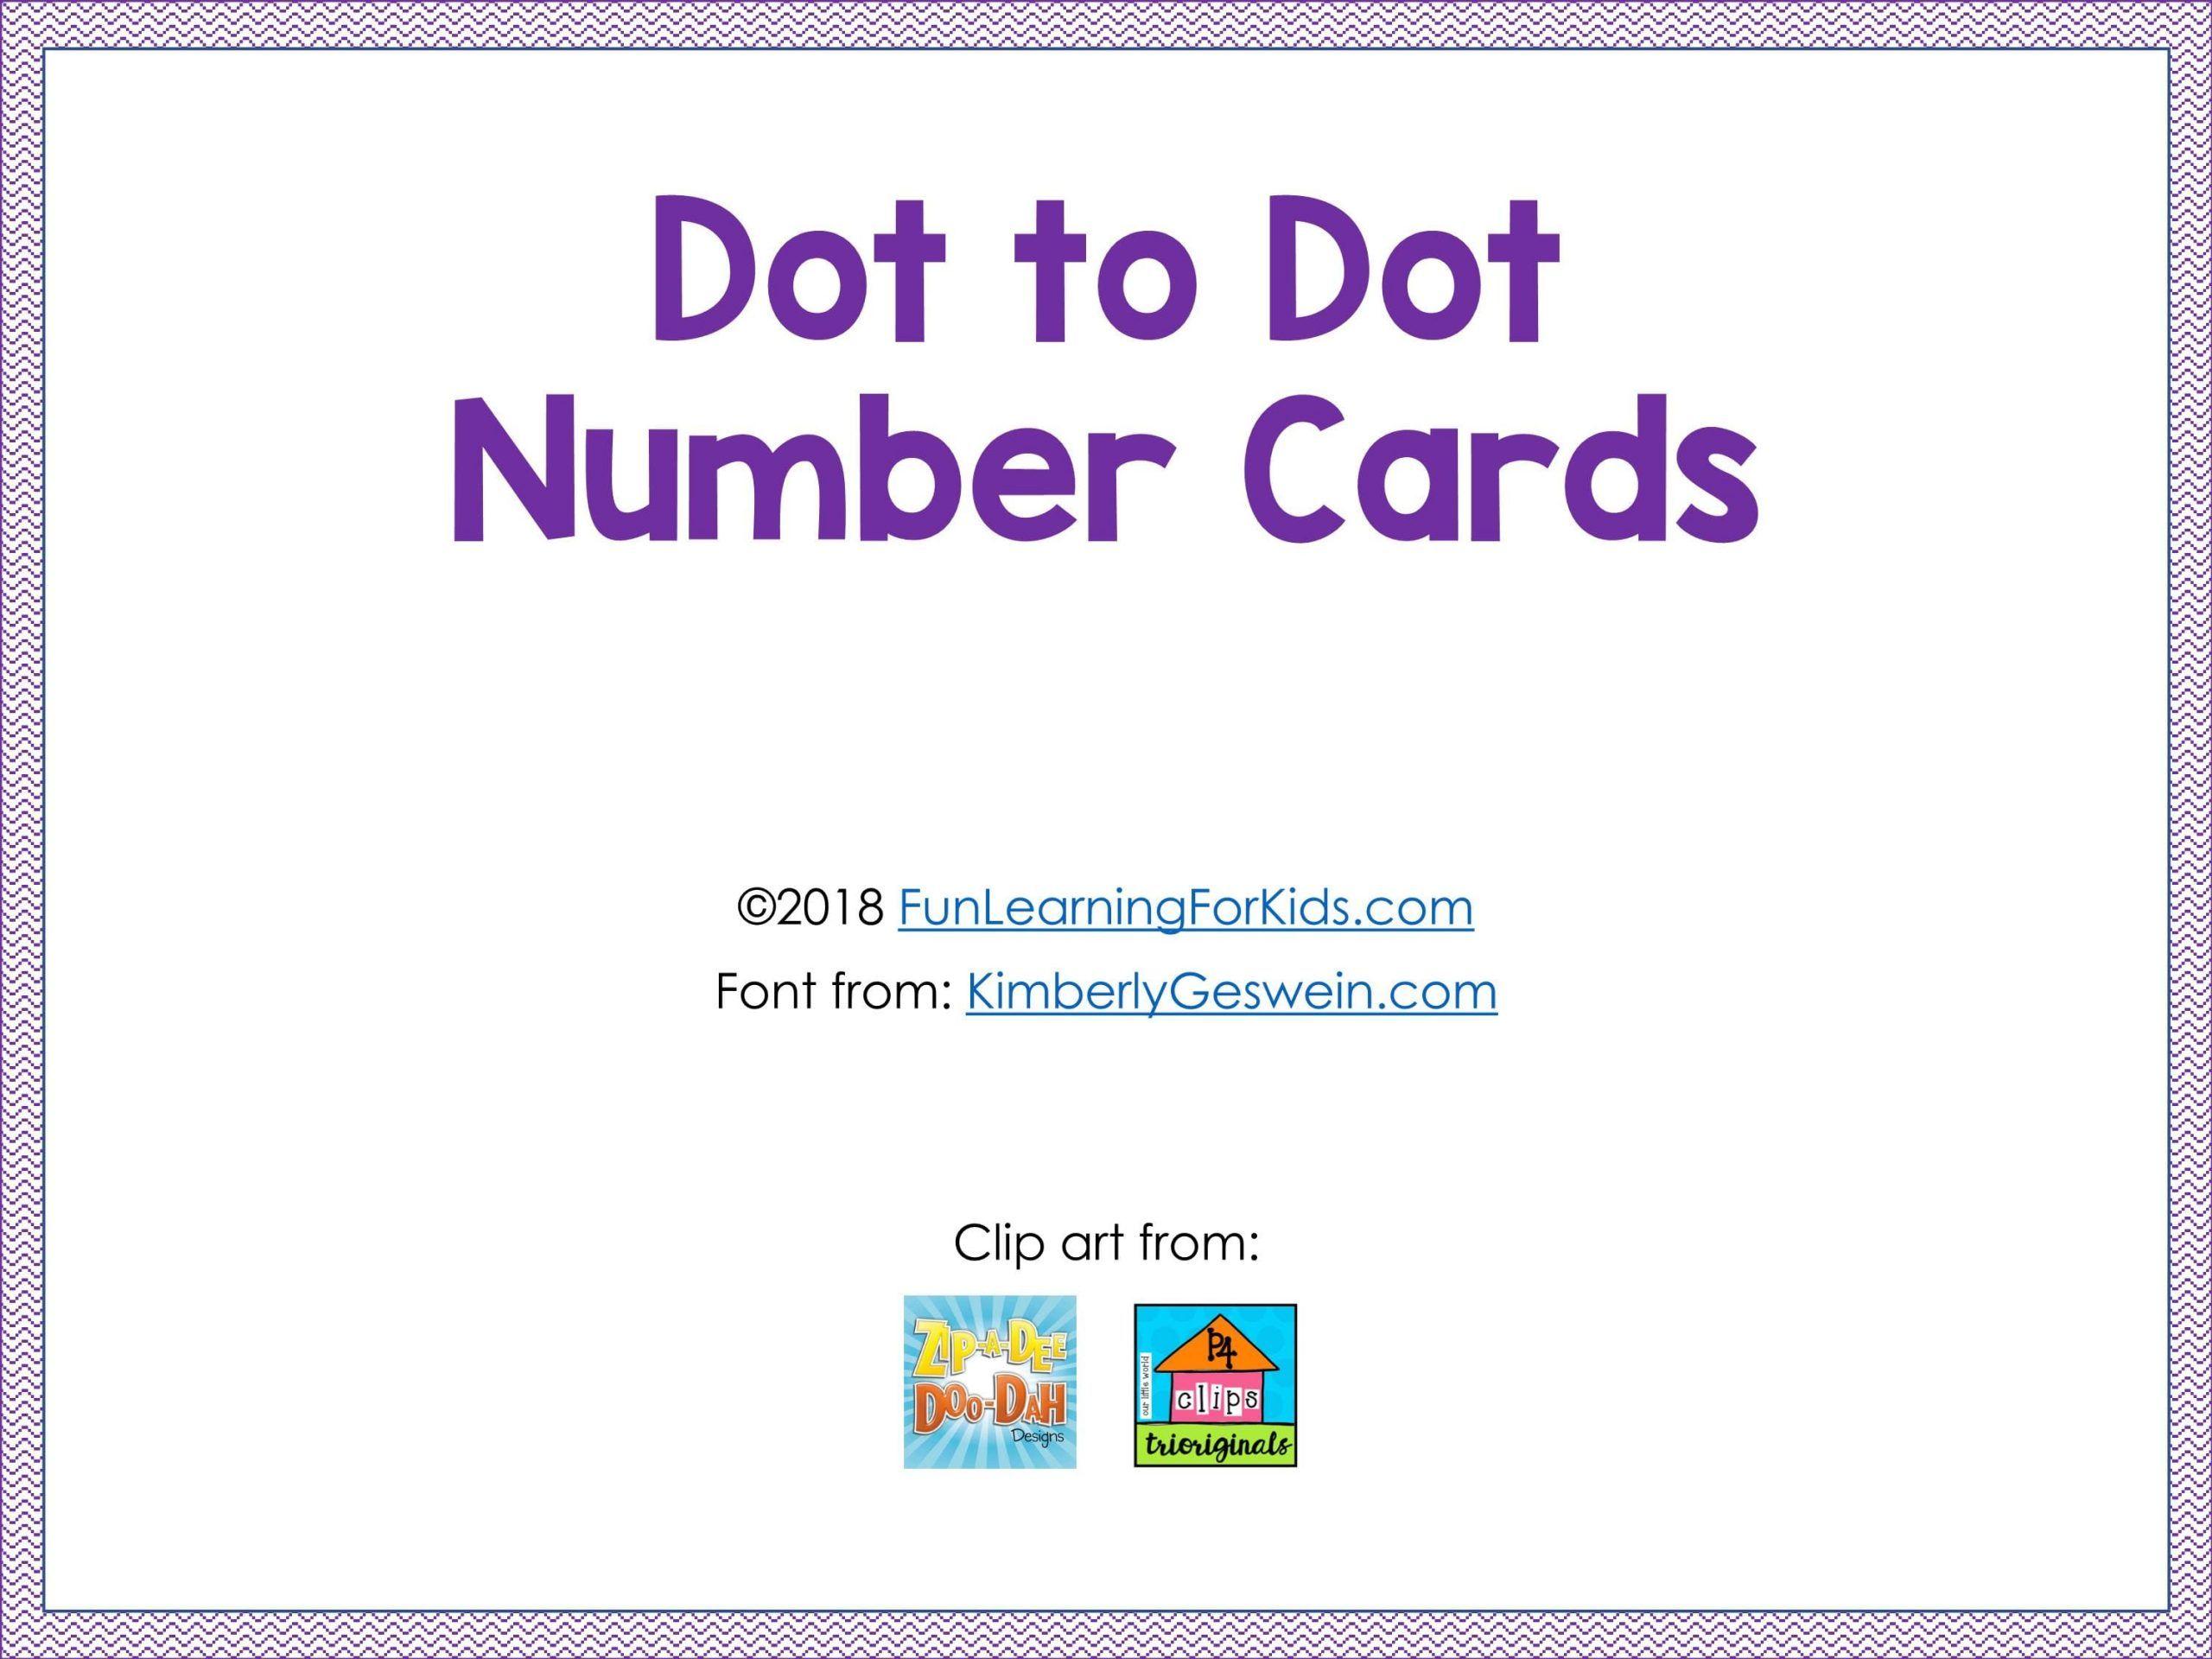 تتبع الارقام Dot To Dot Number Cards ممتعة للاطفال Clip Art Number Cards Cards